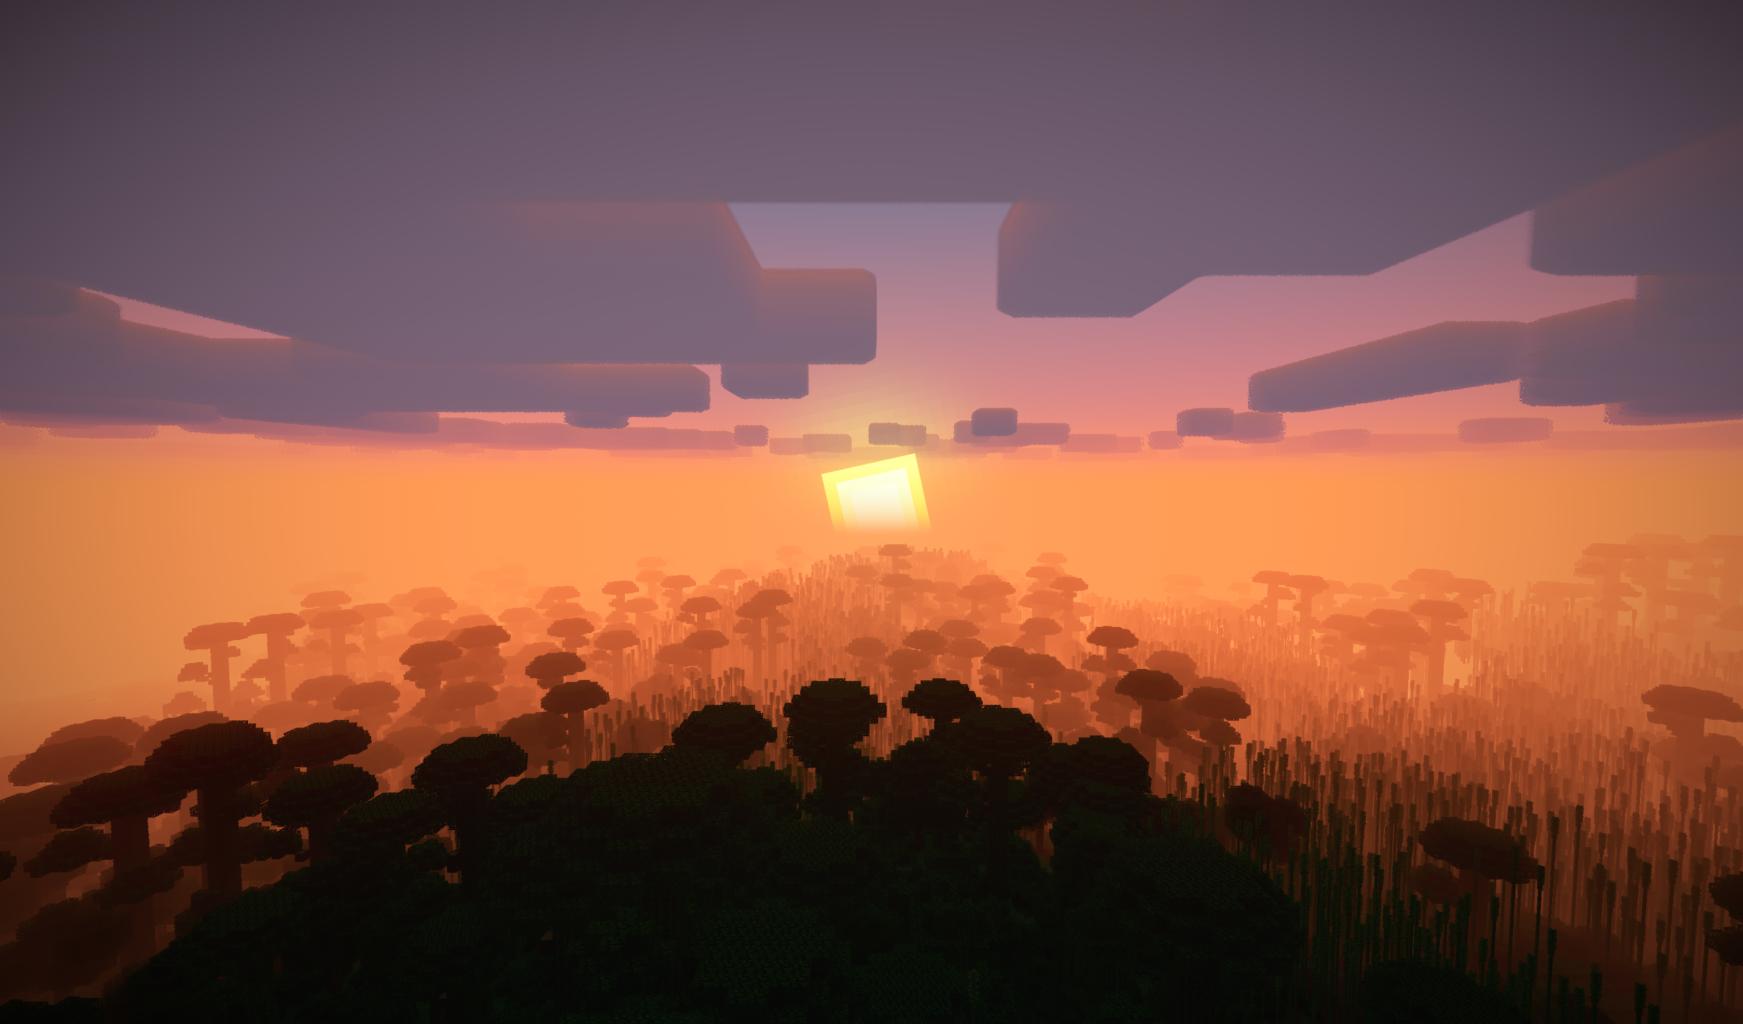 Couché de soleil sur une jungle Minecraft